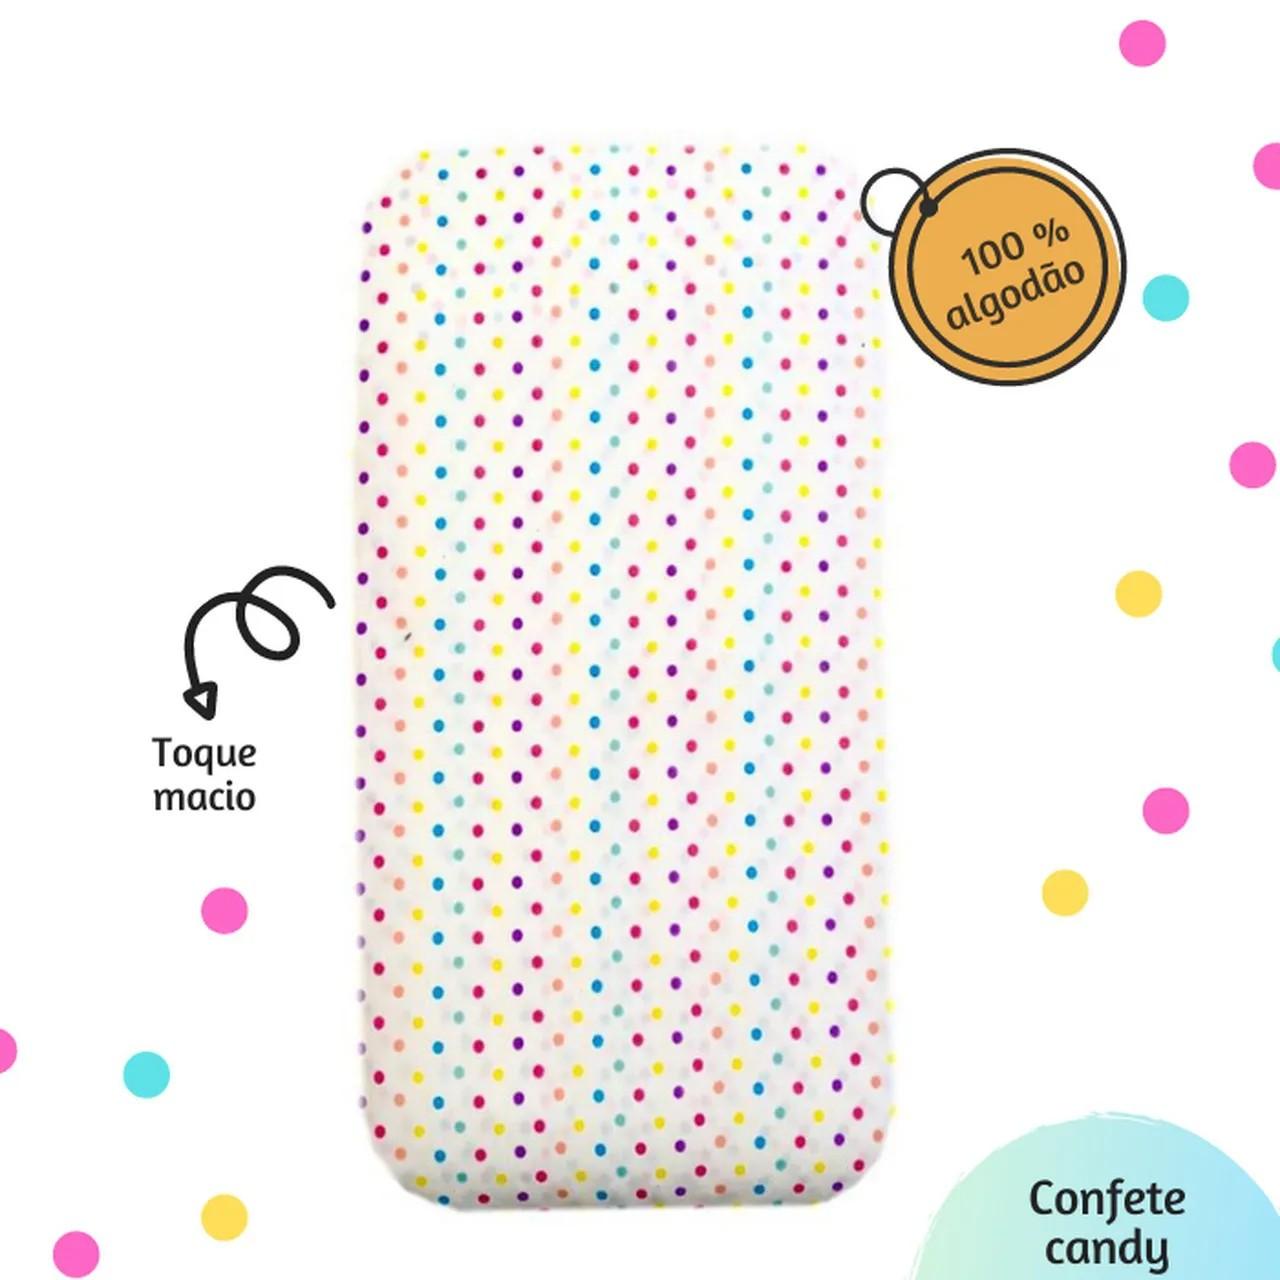 Lençol para mini berço Confete candy 100% algodão